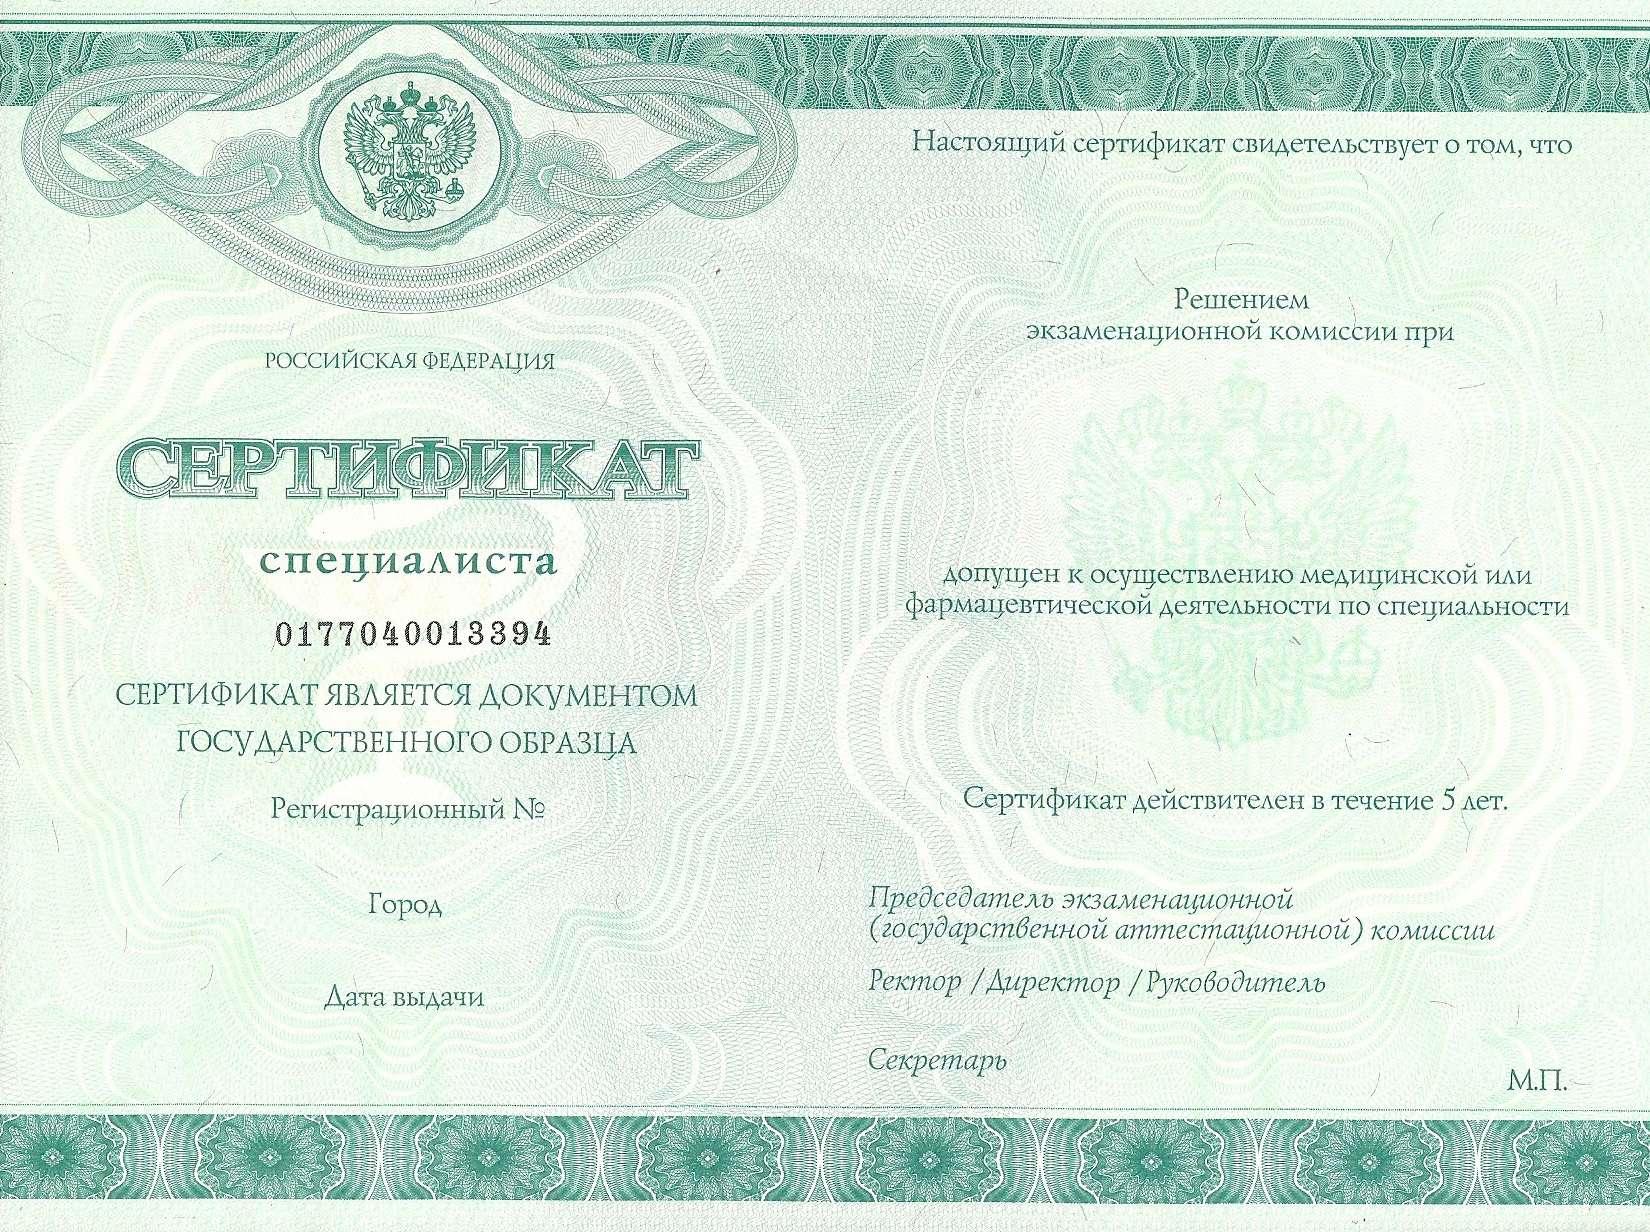 Получение сертификата специалиста врача в алматы получение исо 9001